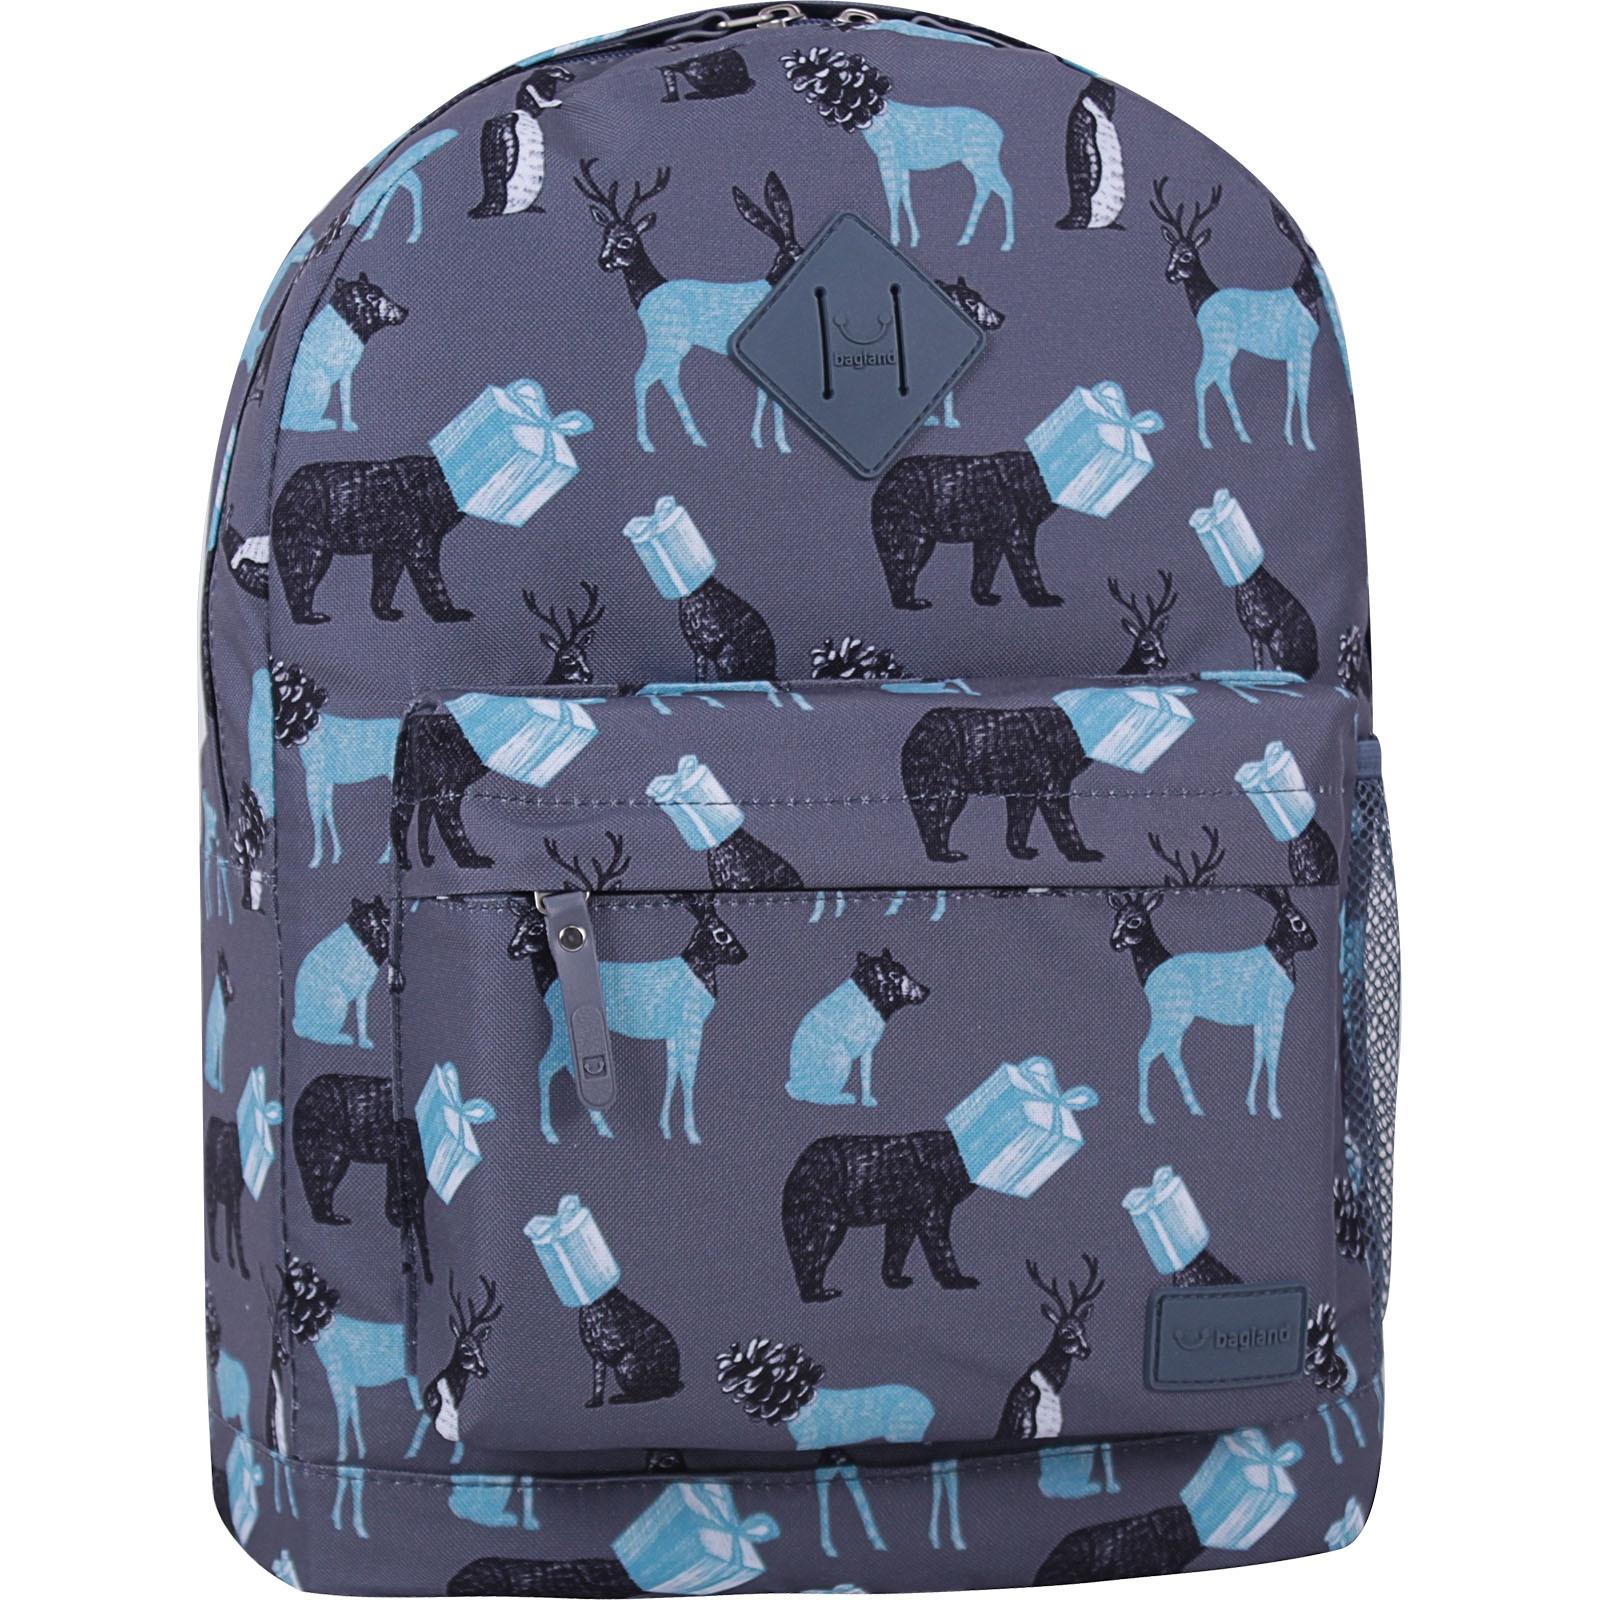 Молодежные рюкзаки Рюкзак Bagland Молодежный 17 л. сублімація 740 (00533664) IMG_7611_суб740_-1600.jpg